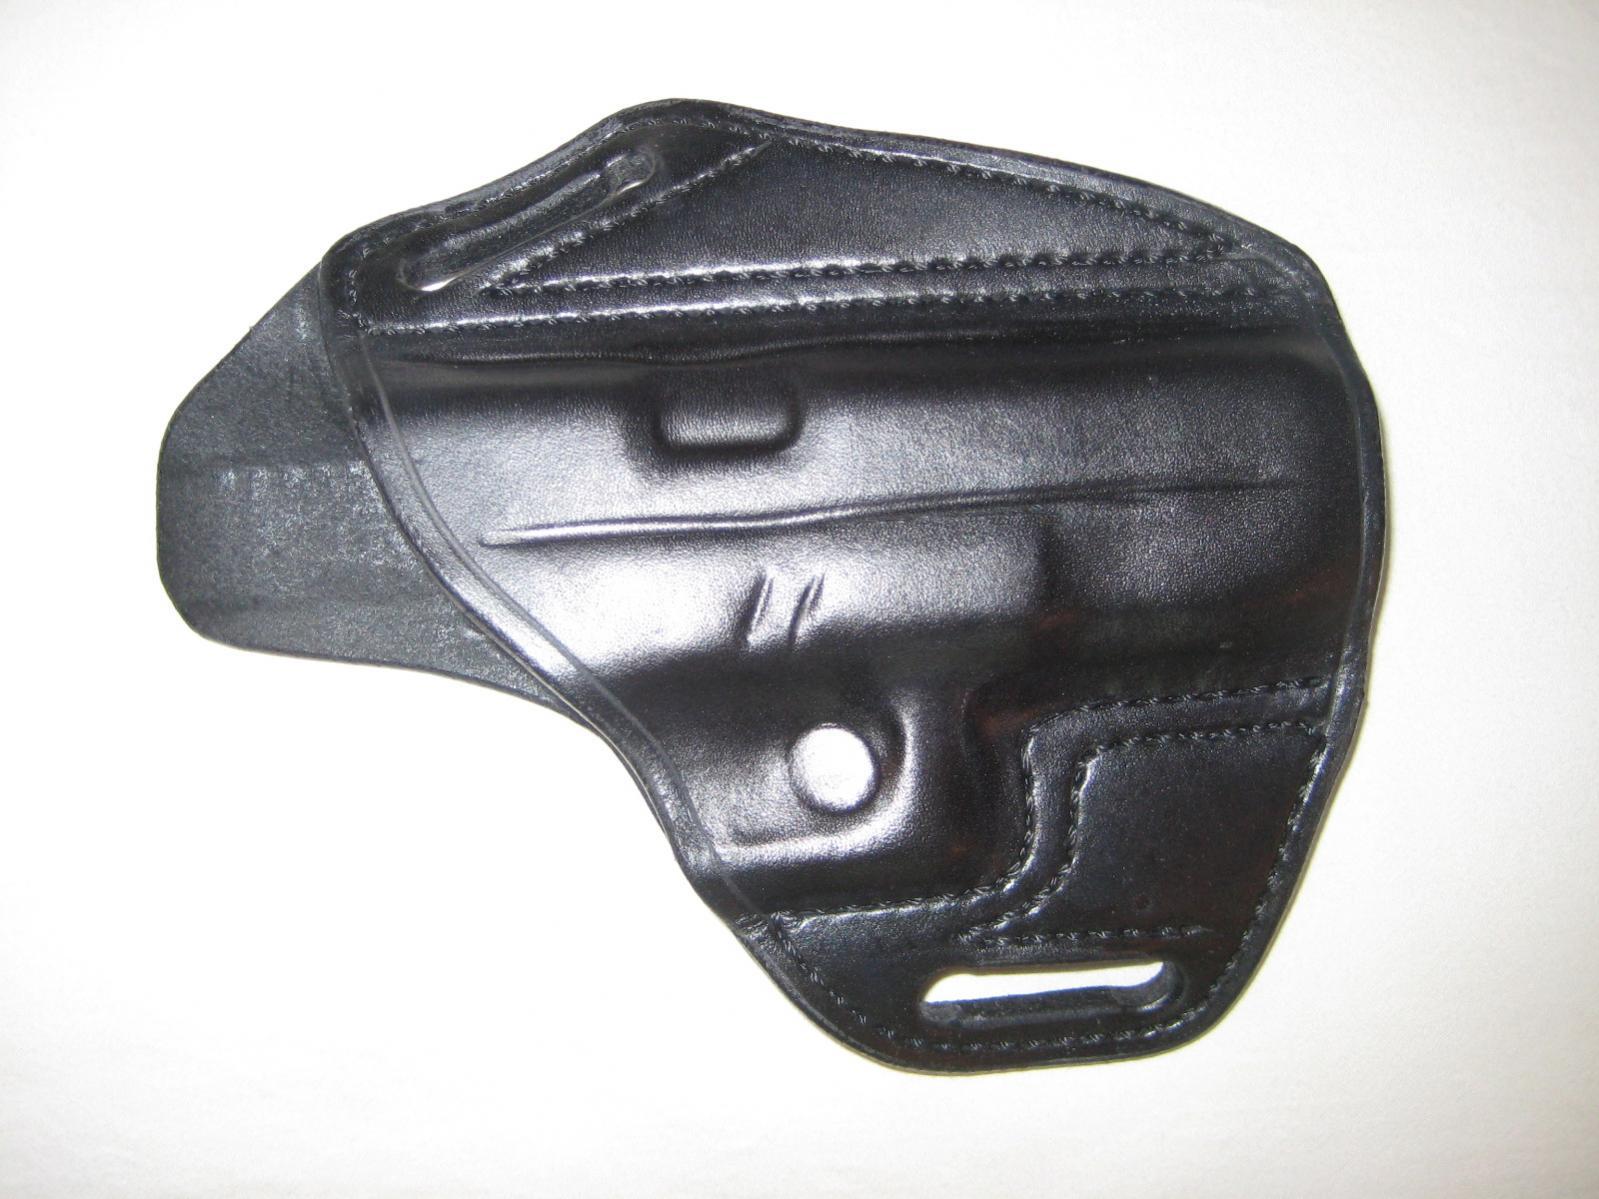 FS: Brommeland OWB Def Con Holster for Glock19-img_0363.jpg